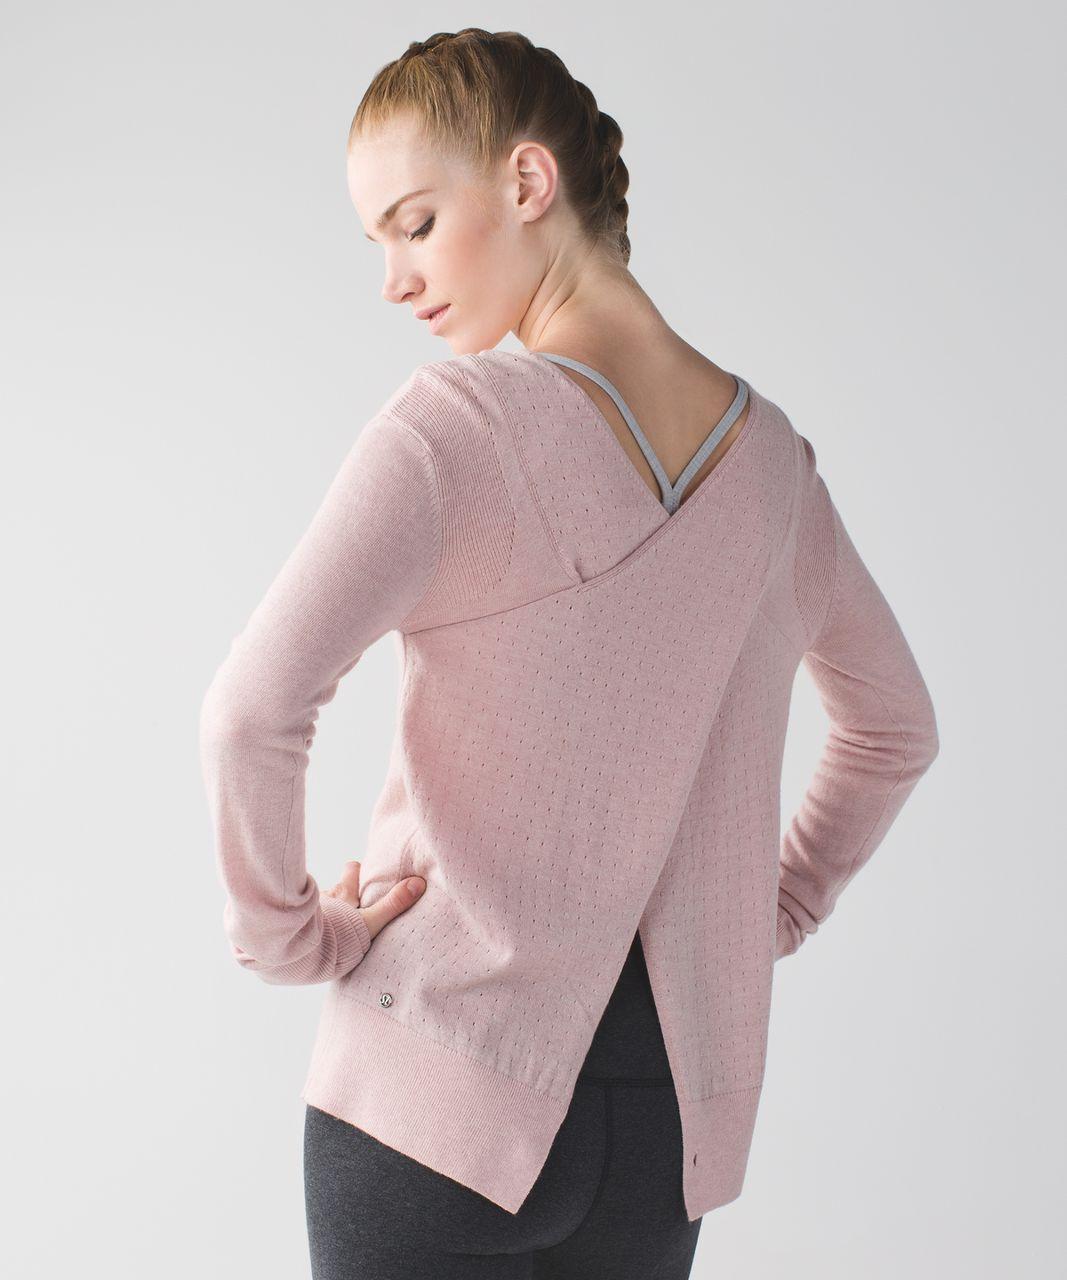 Lululemon Sunset Savasana Pullover - Heathered Mink Berry